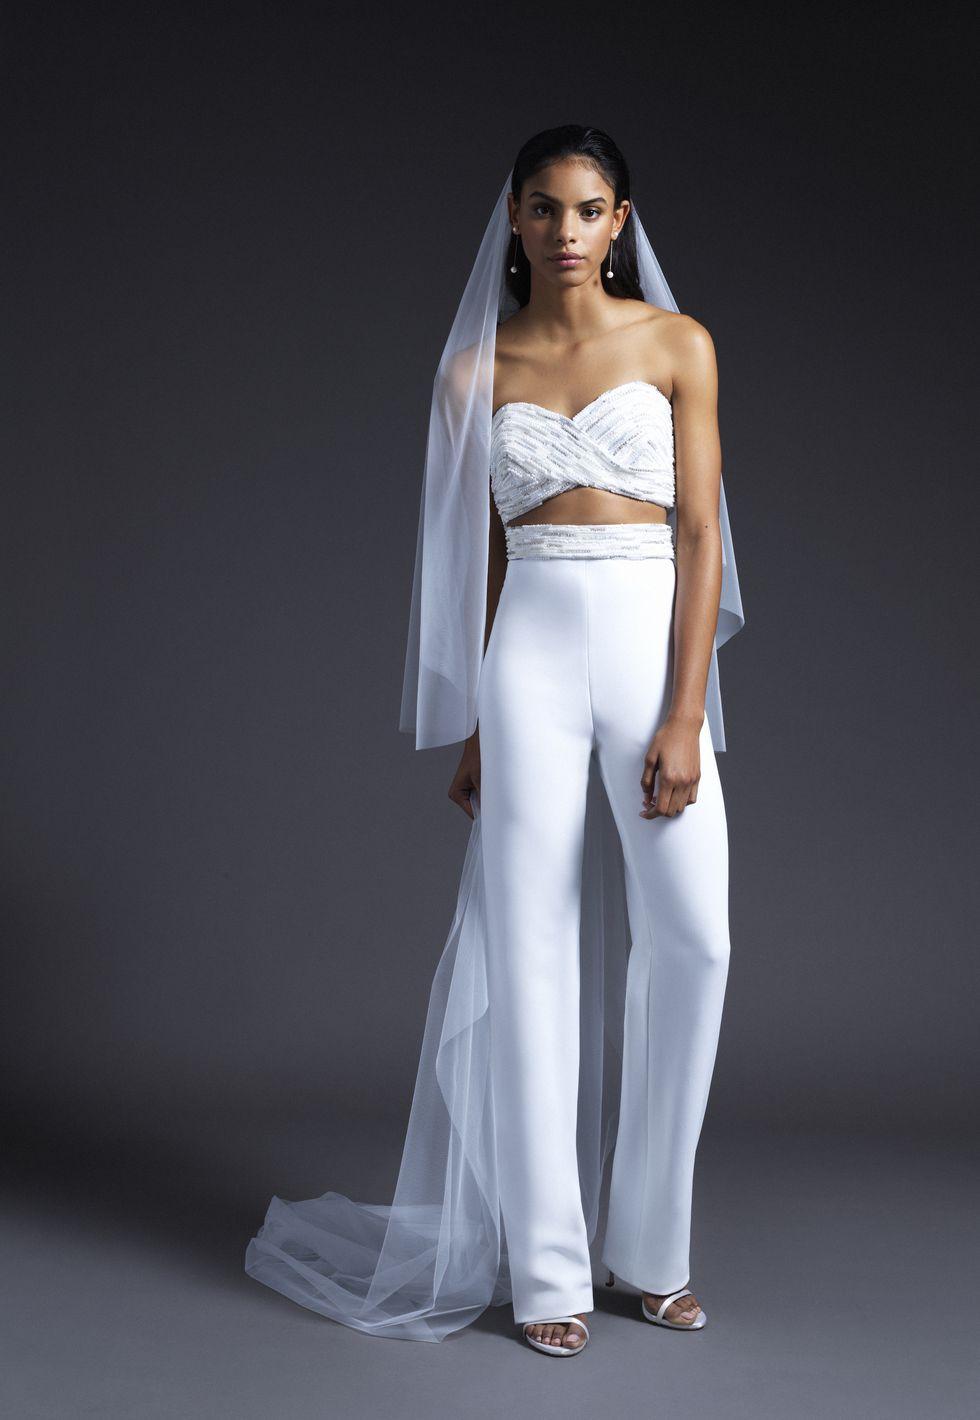 Trang phục cưới với kiểu dáng mới lạ trong bộ sưu tập mùa Thu 2019 của thương hiệu Cushnie. Thiết kế kết hợp áo crop top và quần lưng cao ống suôn mang đến vẻ đẹp cá tính cho trang phục.